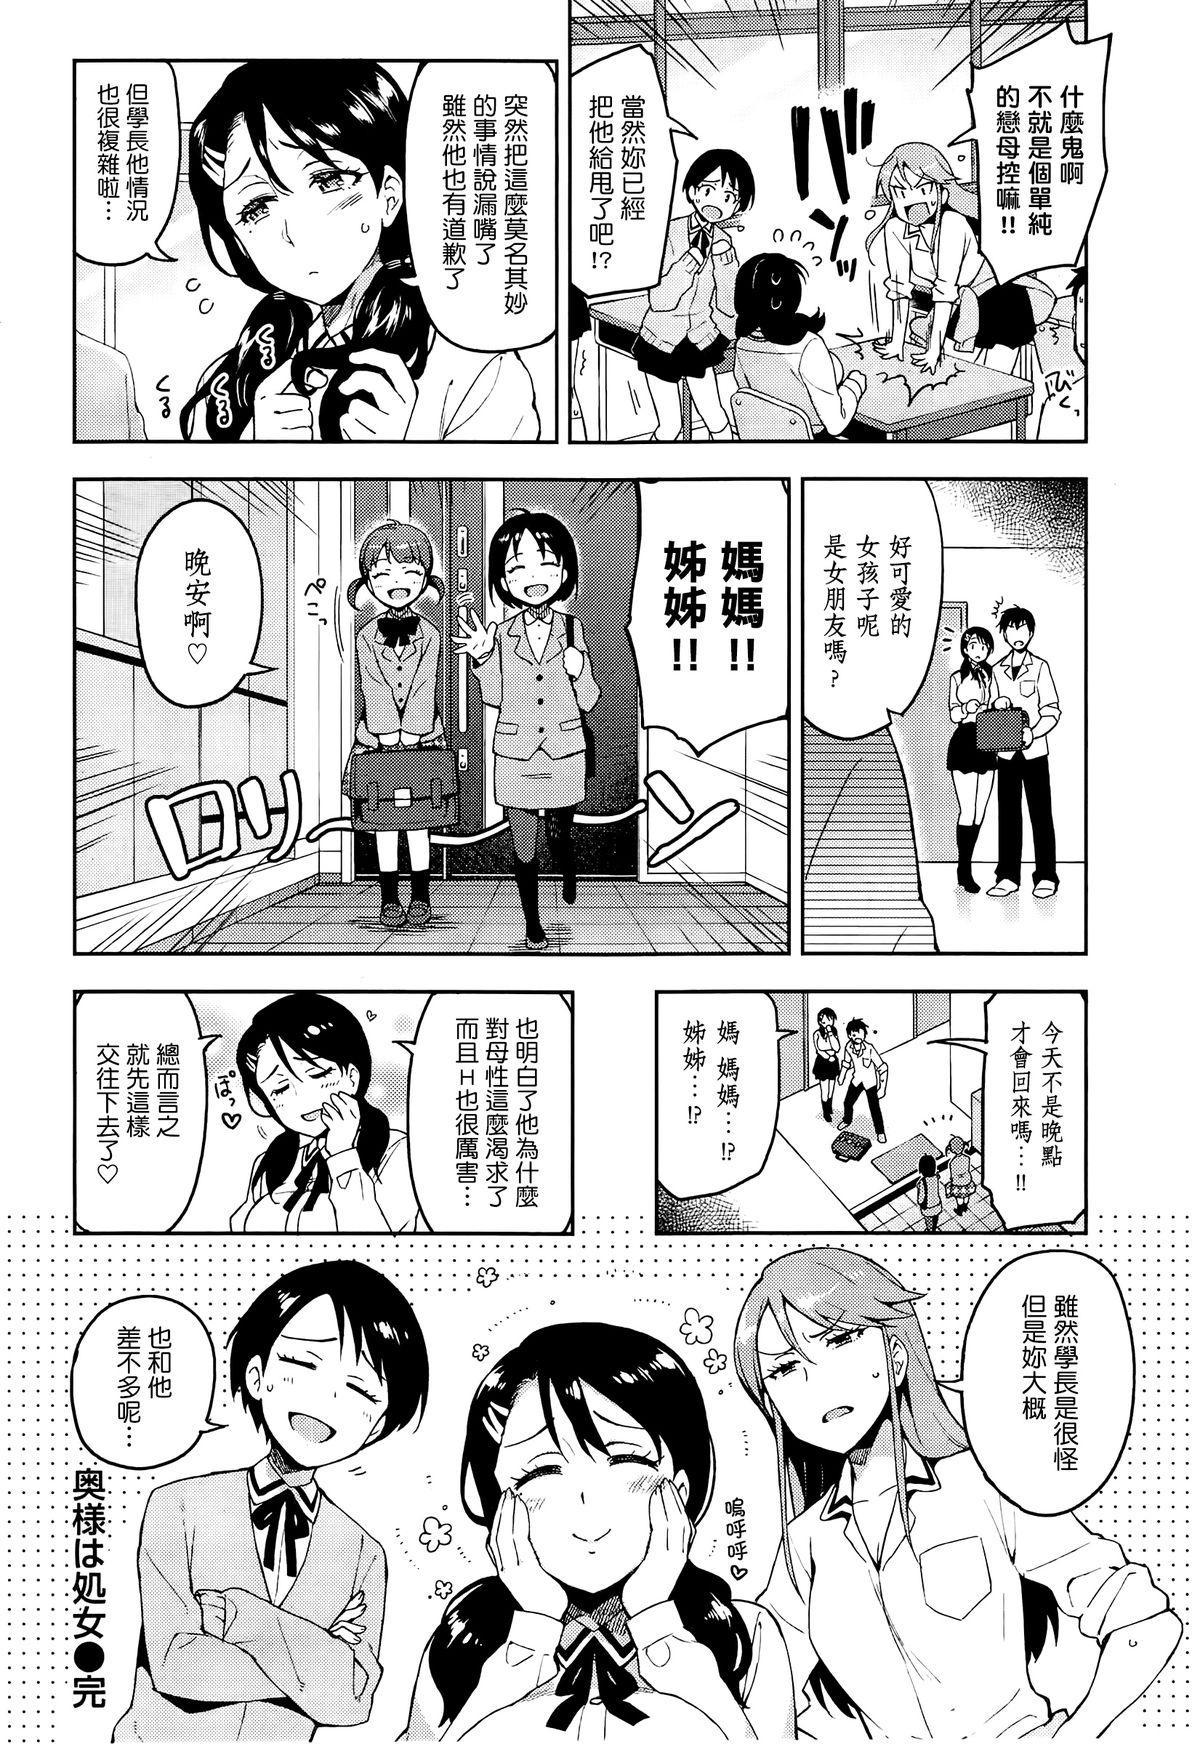 Okusama wa Shojo 20